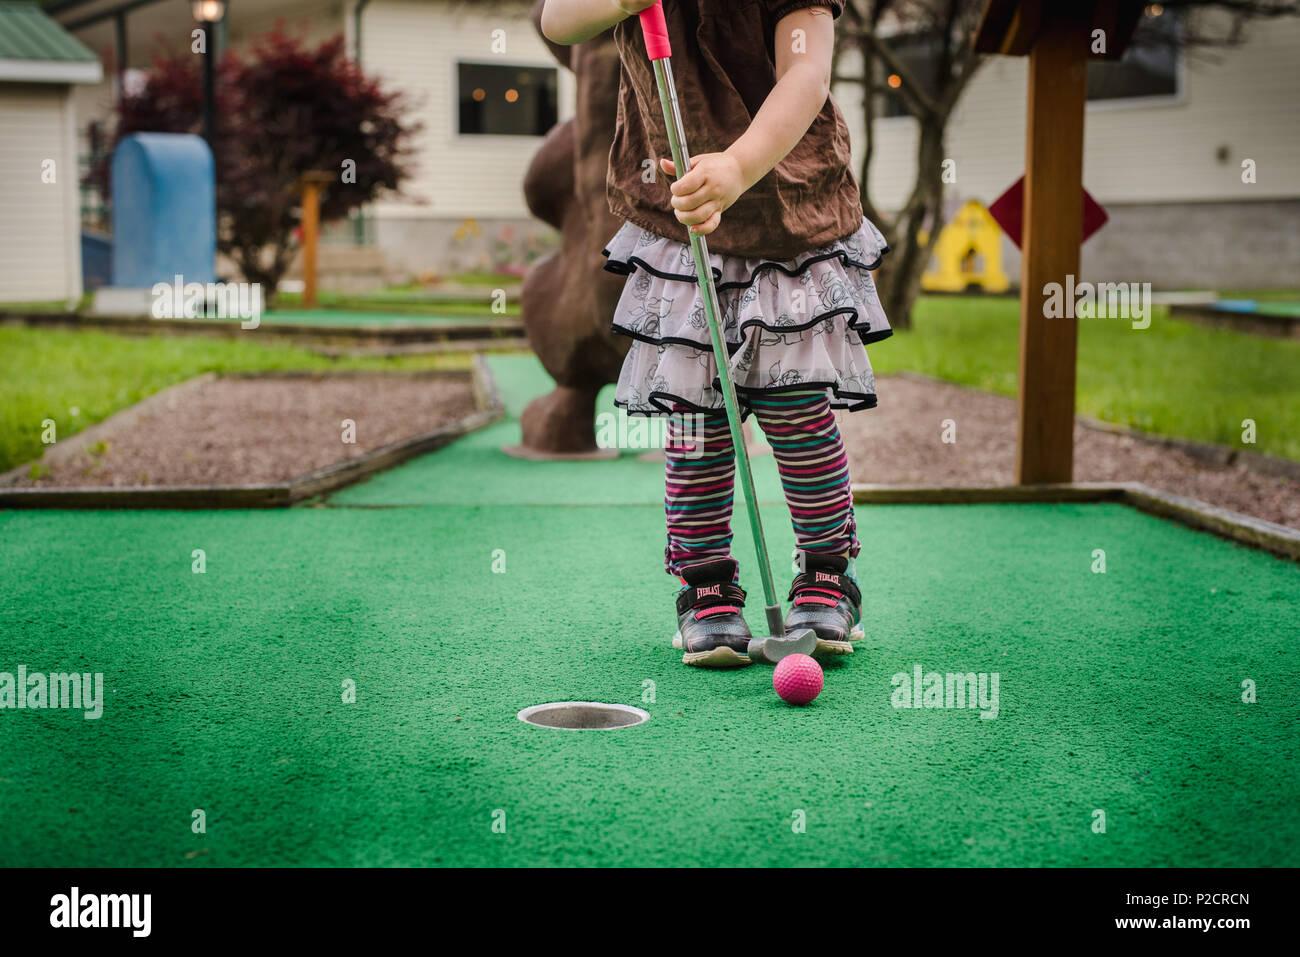 Una giovane ragazza gioca golf in miniatura nelle giornate più calde. Immagini Stock